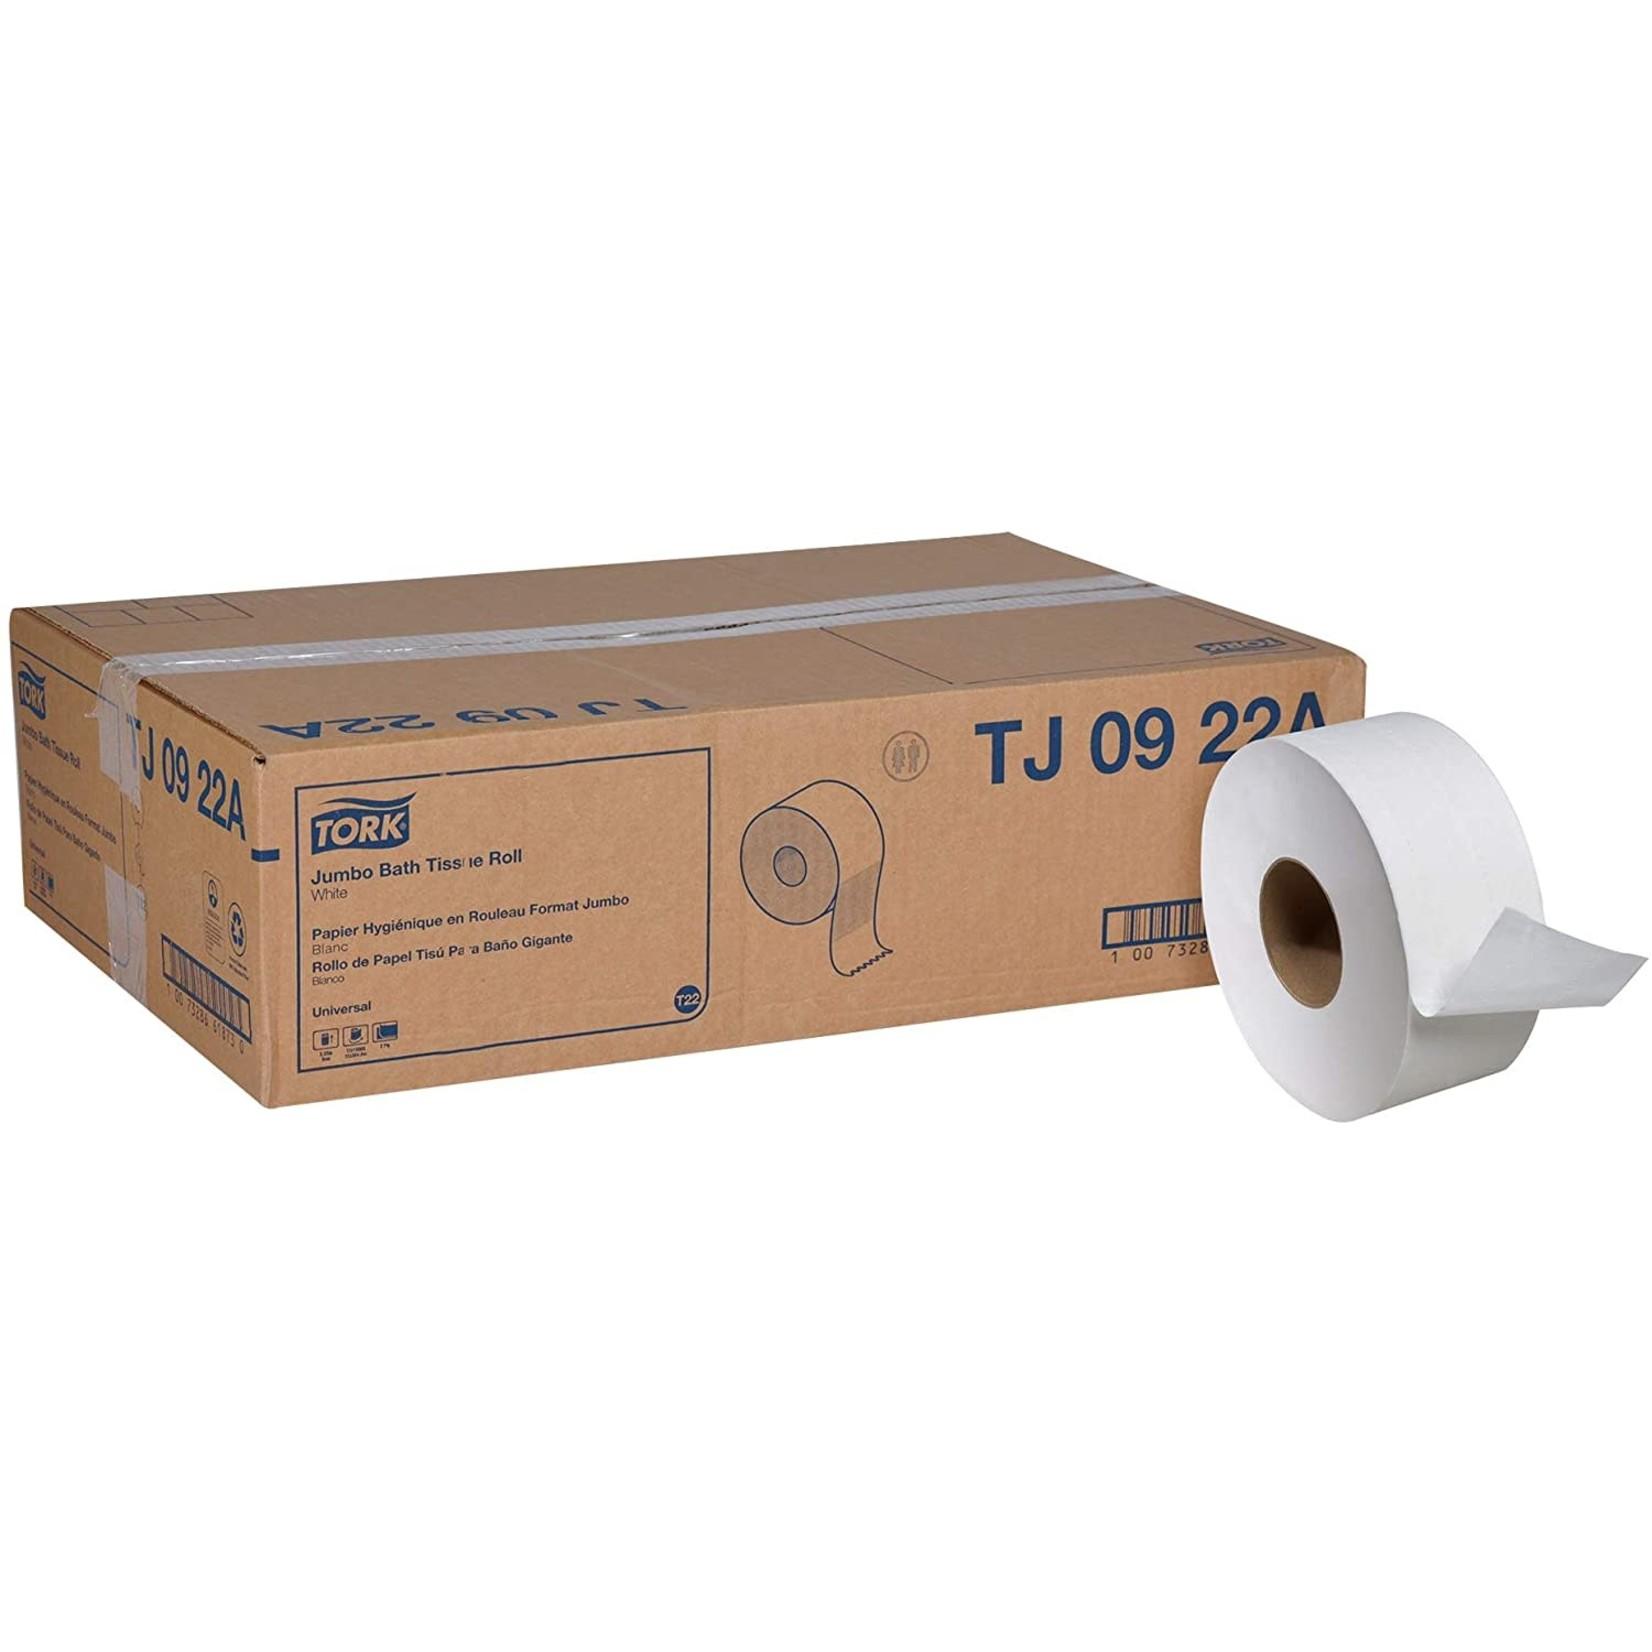 Tork T/T TORK JR JUMBO 2-PLY TJ0922A